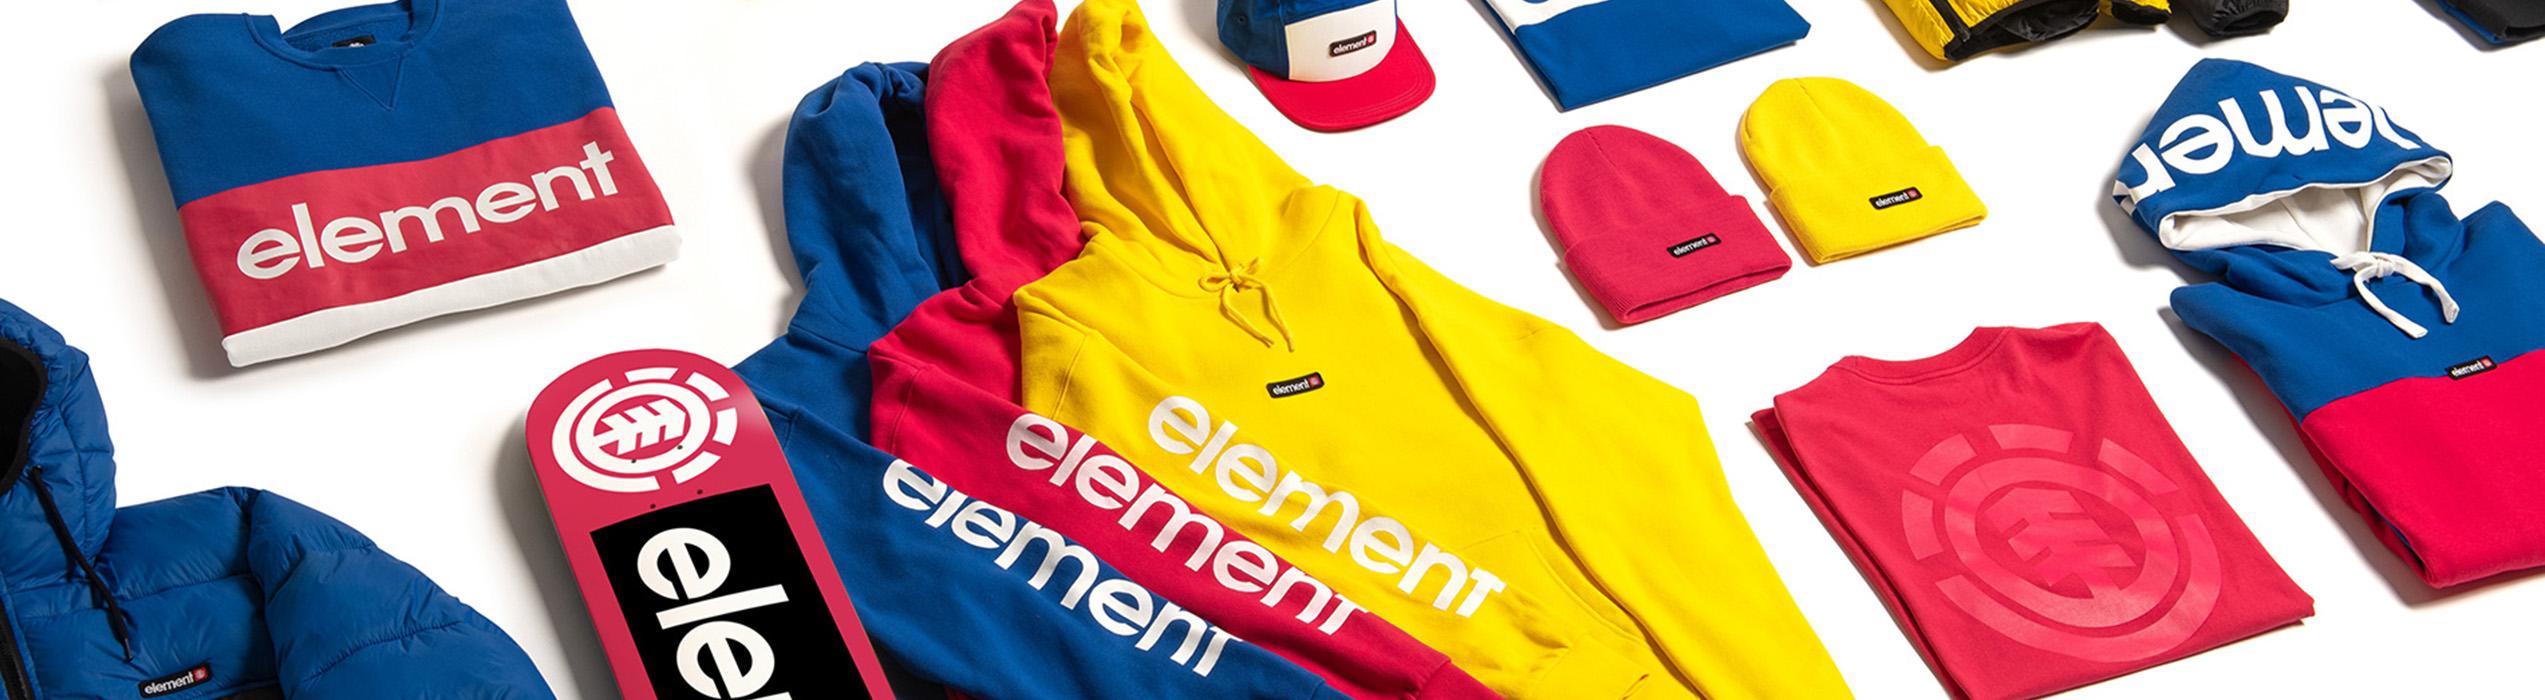 ESS_Element_primo